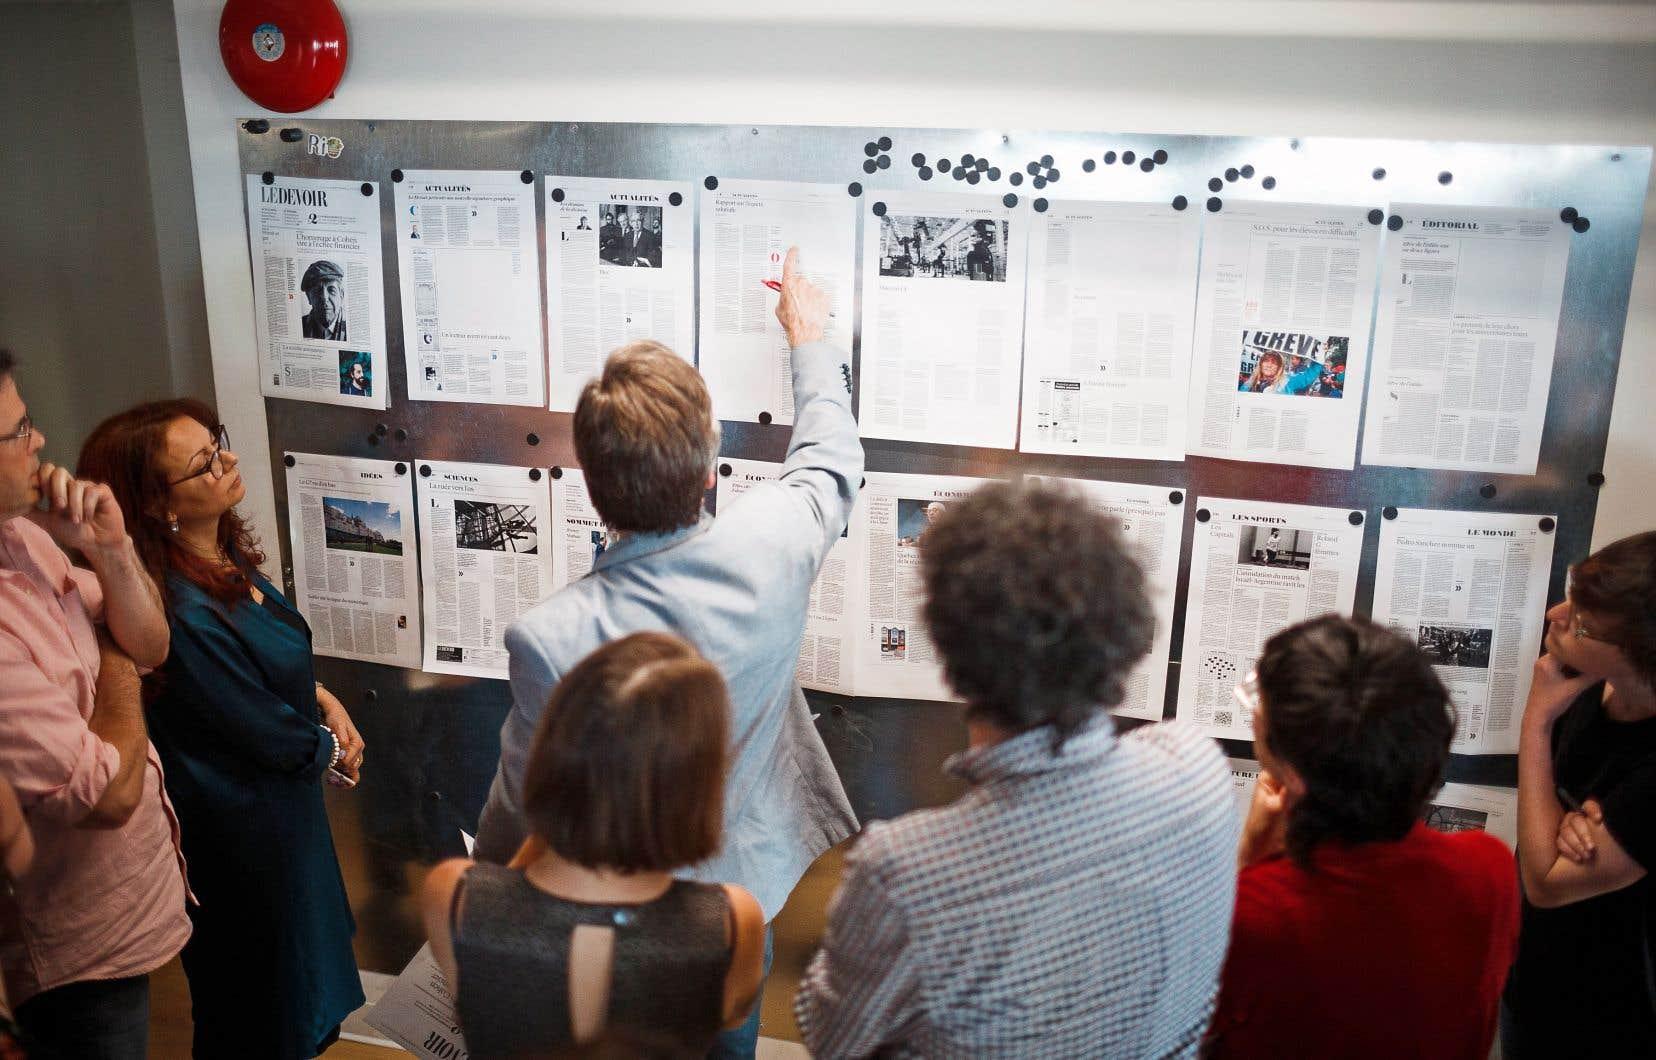 17 h 30. Réunion de production réunissant l'équipe de direction et les pupitreurs du «Devoir», l'occasion de poser un regard critique sur les pages en production de l'édition du lendemain.